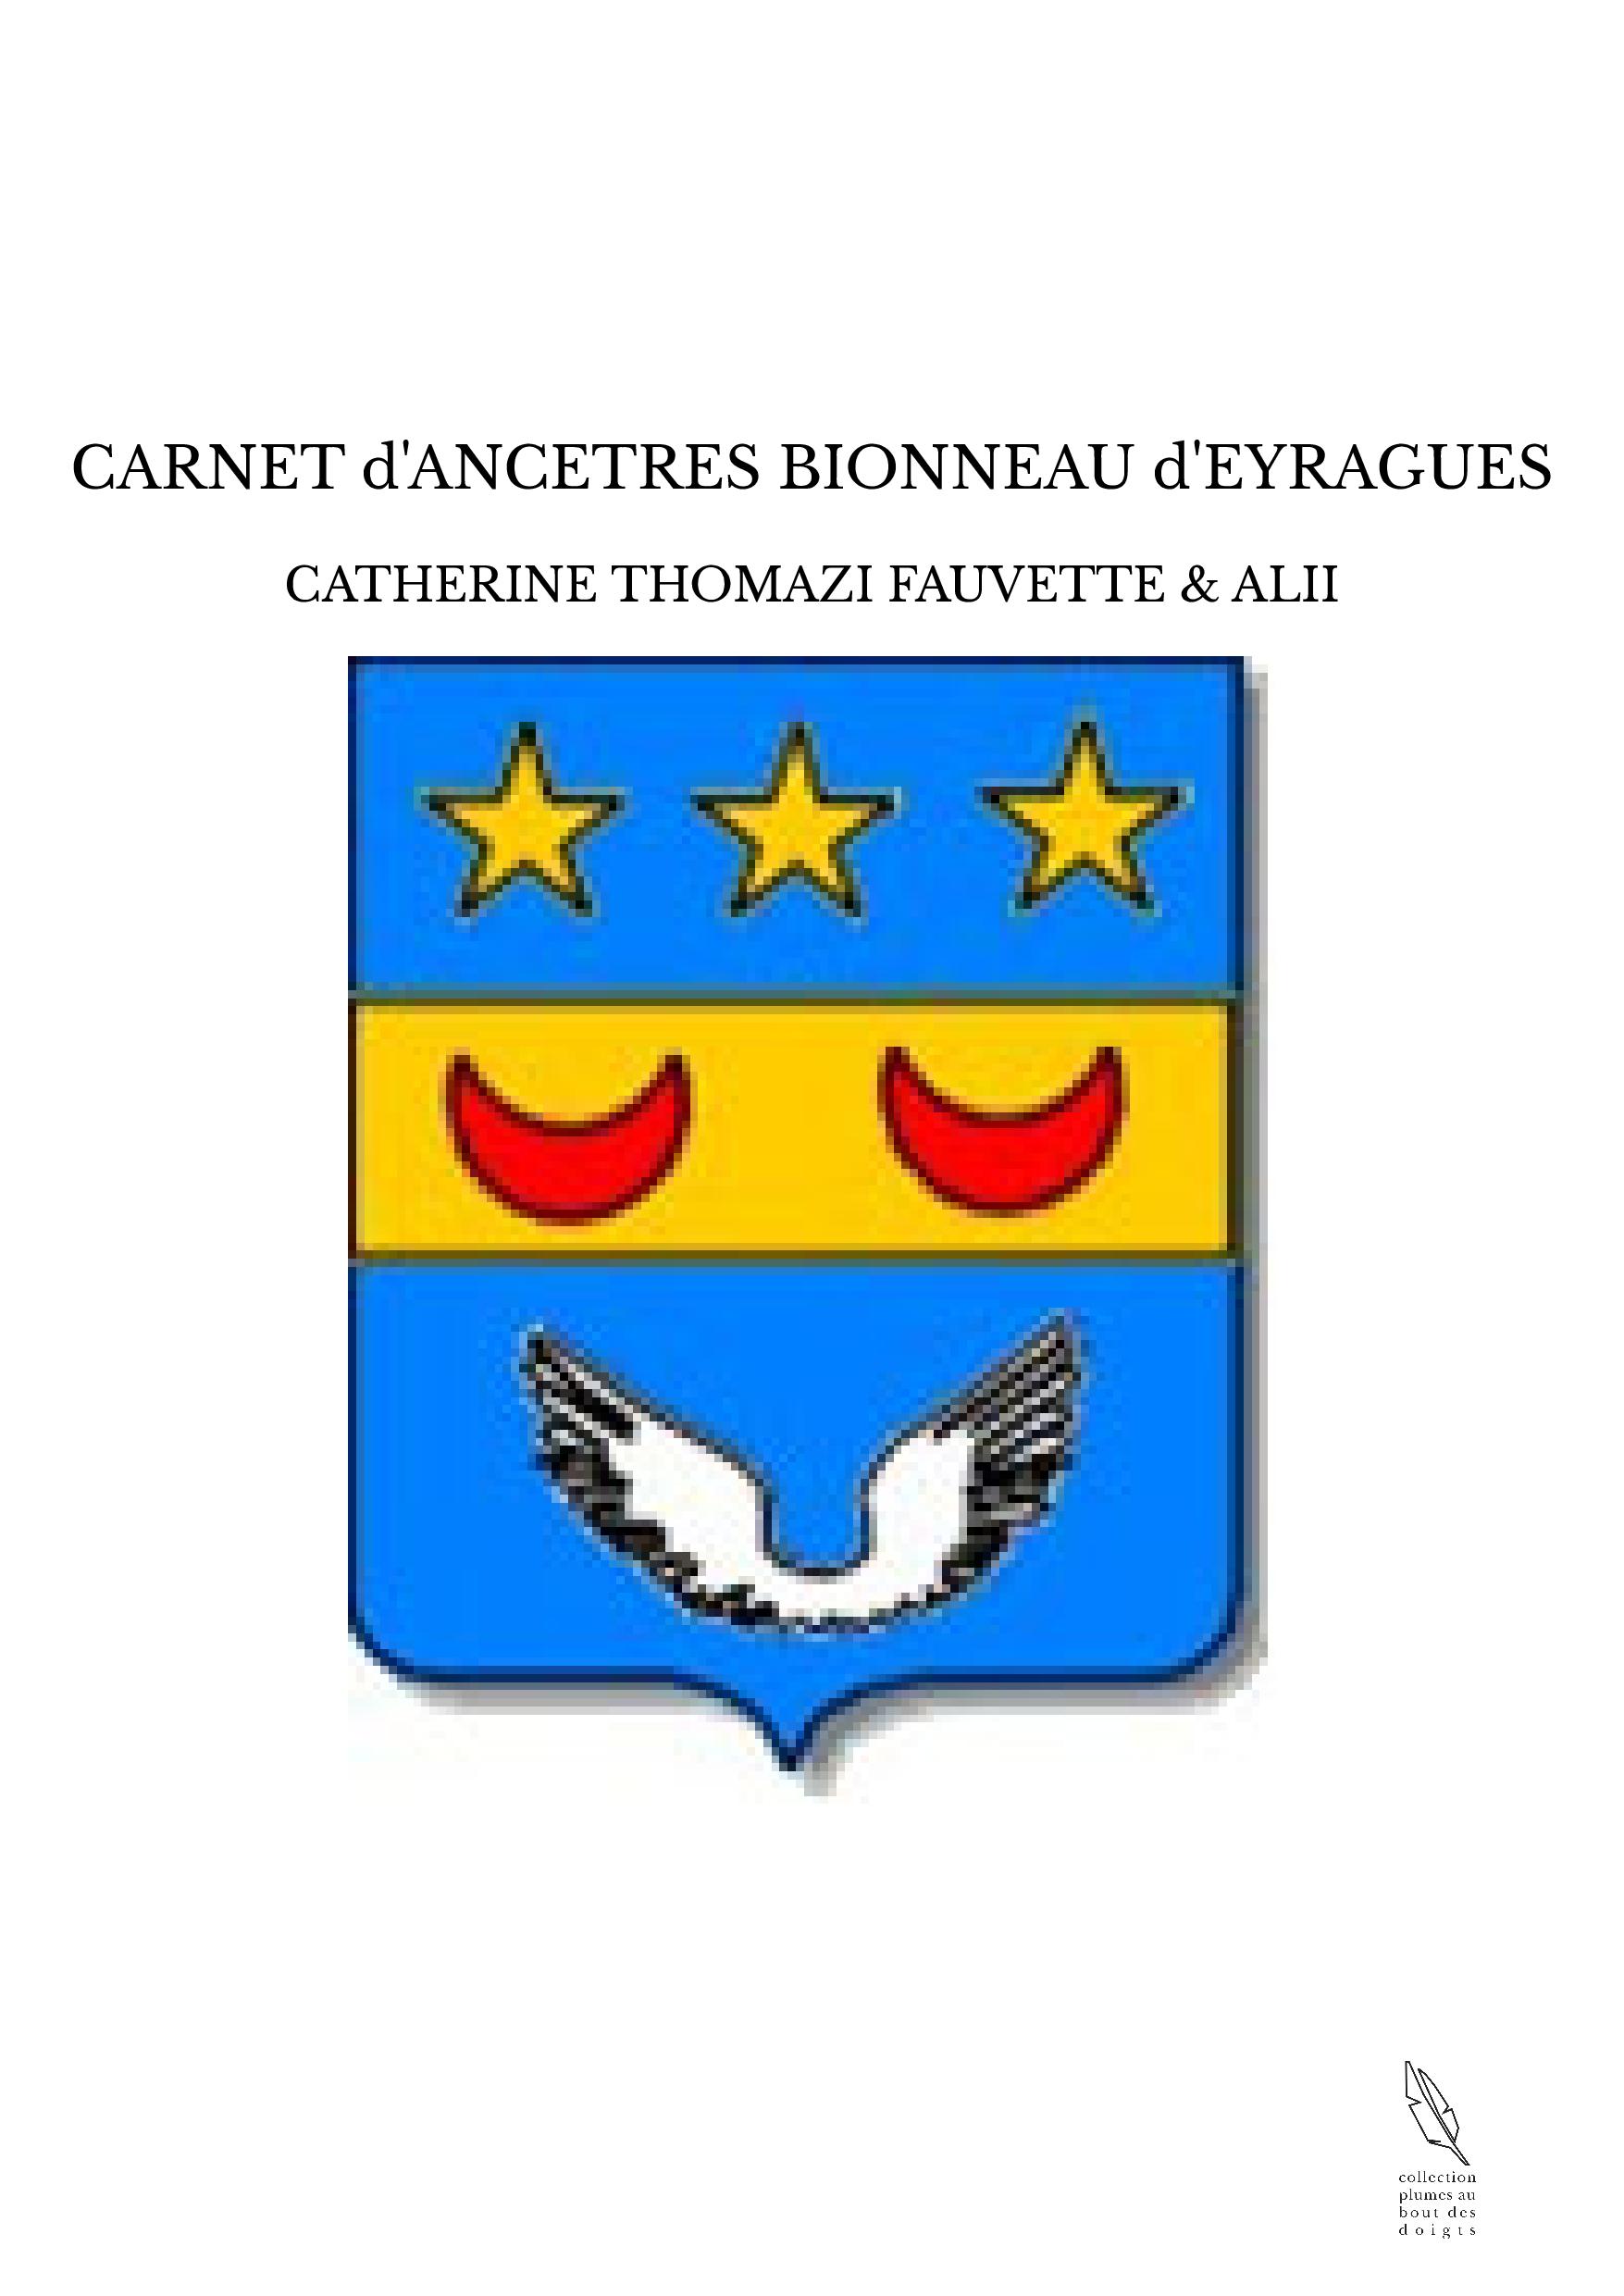 CARNET d'ANCETRES BIONNEAU d'EYRAGUES